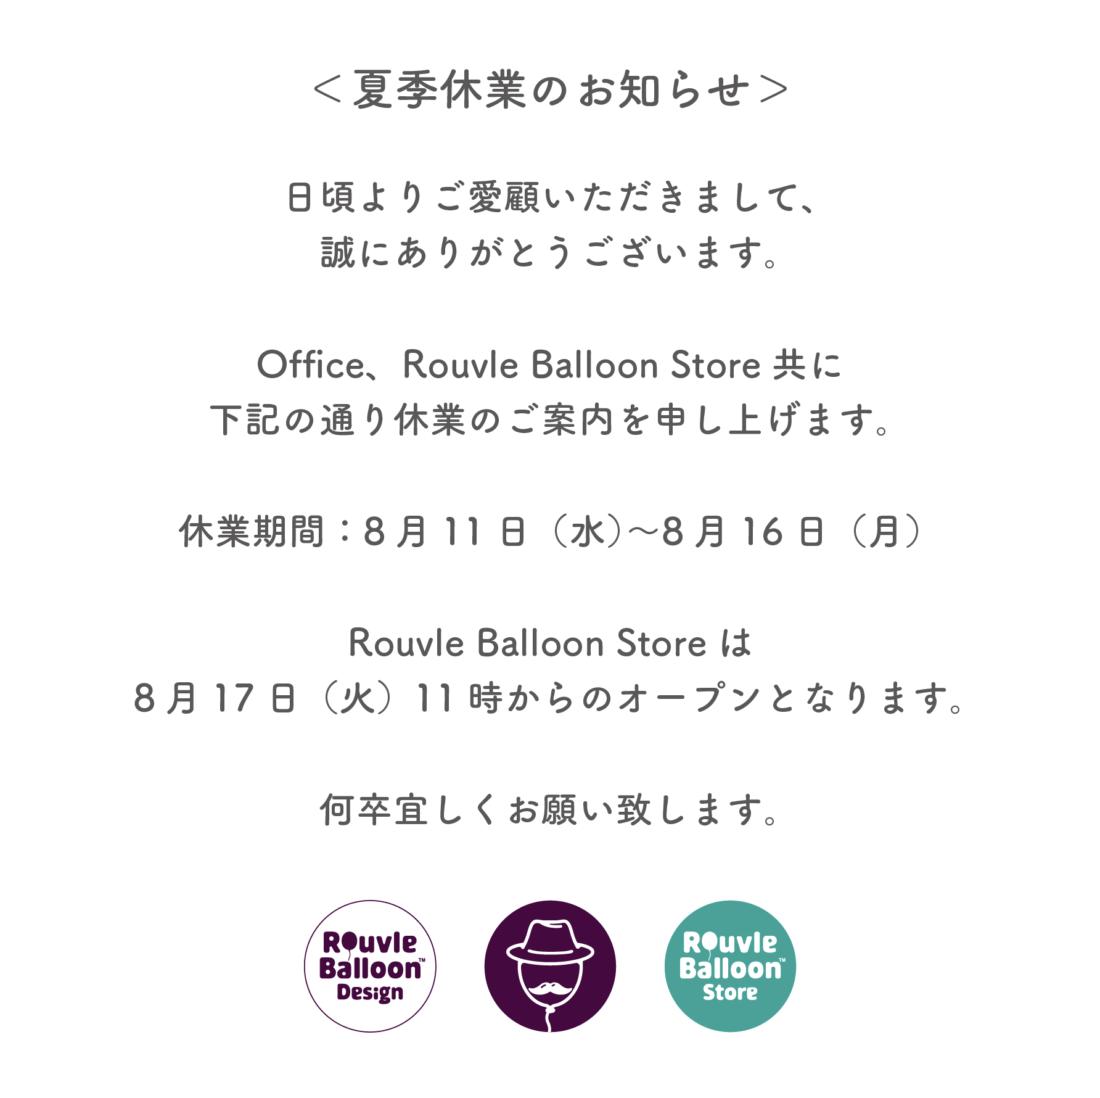 スクリーンショット 2021-07-20 16.54.37